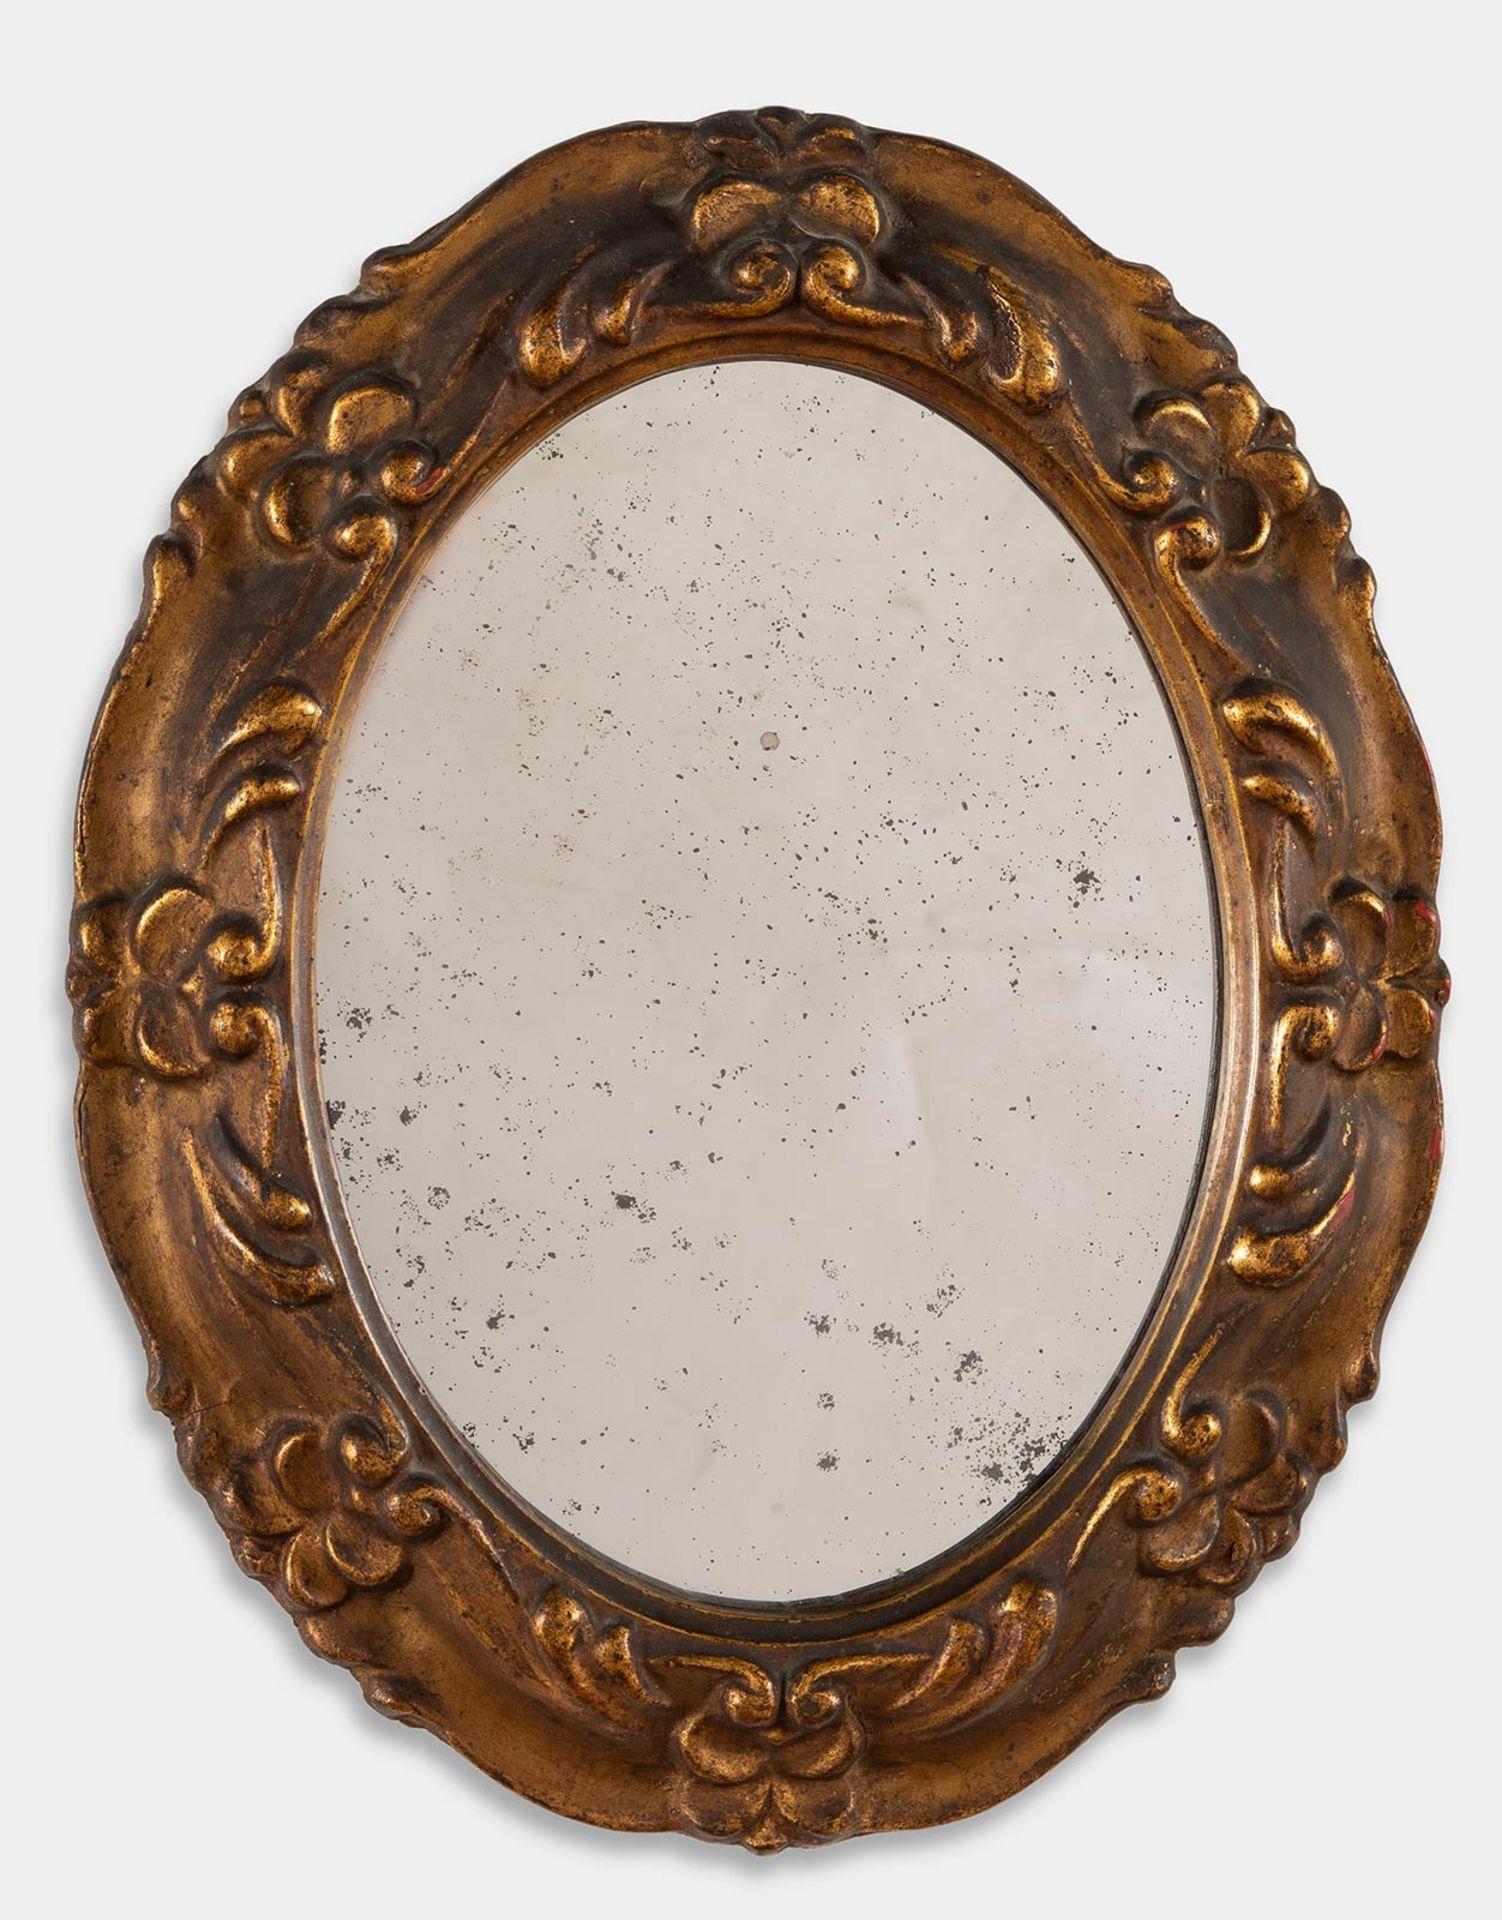 Los 33 - Specchierina ovale in legno intagliato, inizio del XX sec.